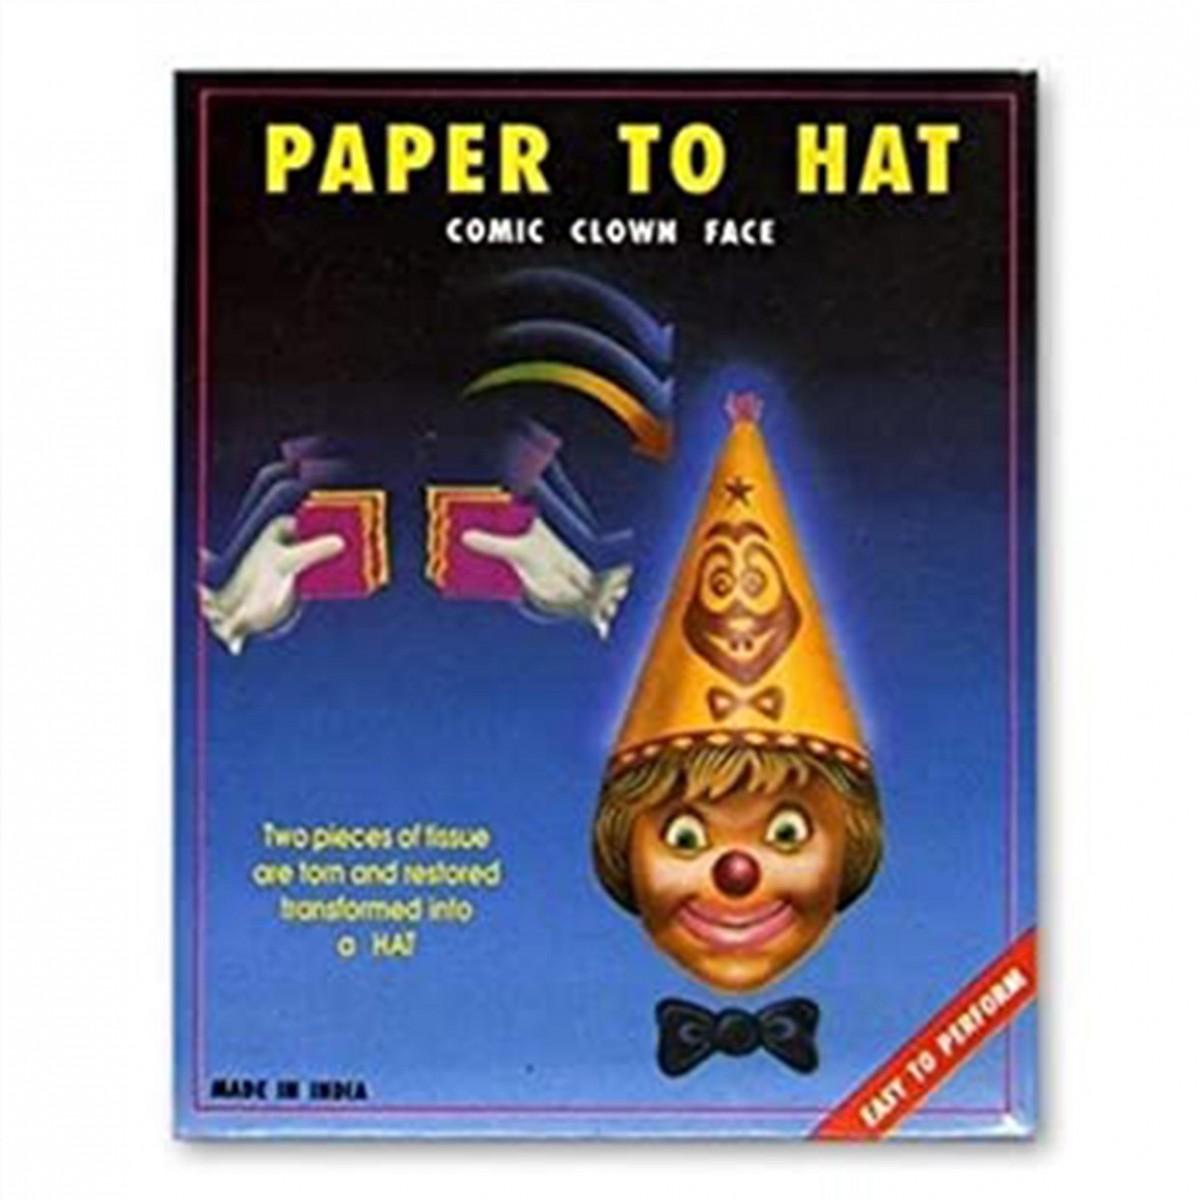 Da carta a cappello